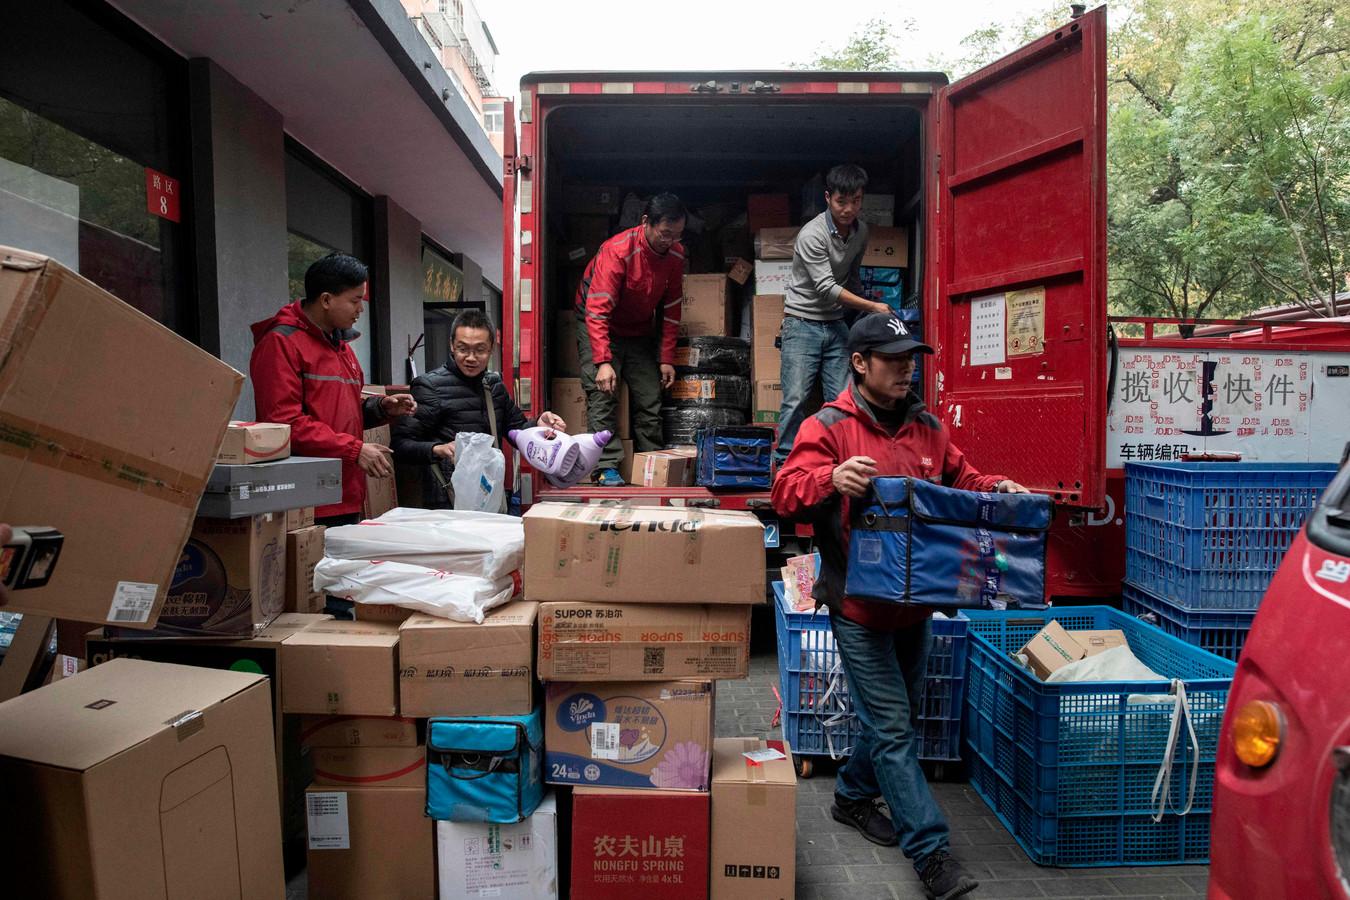 Bezorgers laden pakketten uit een truck in Peking.